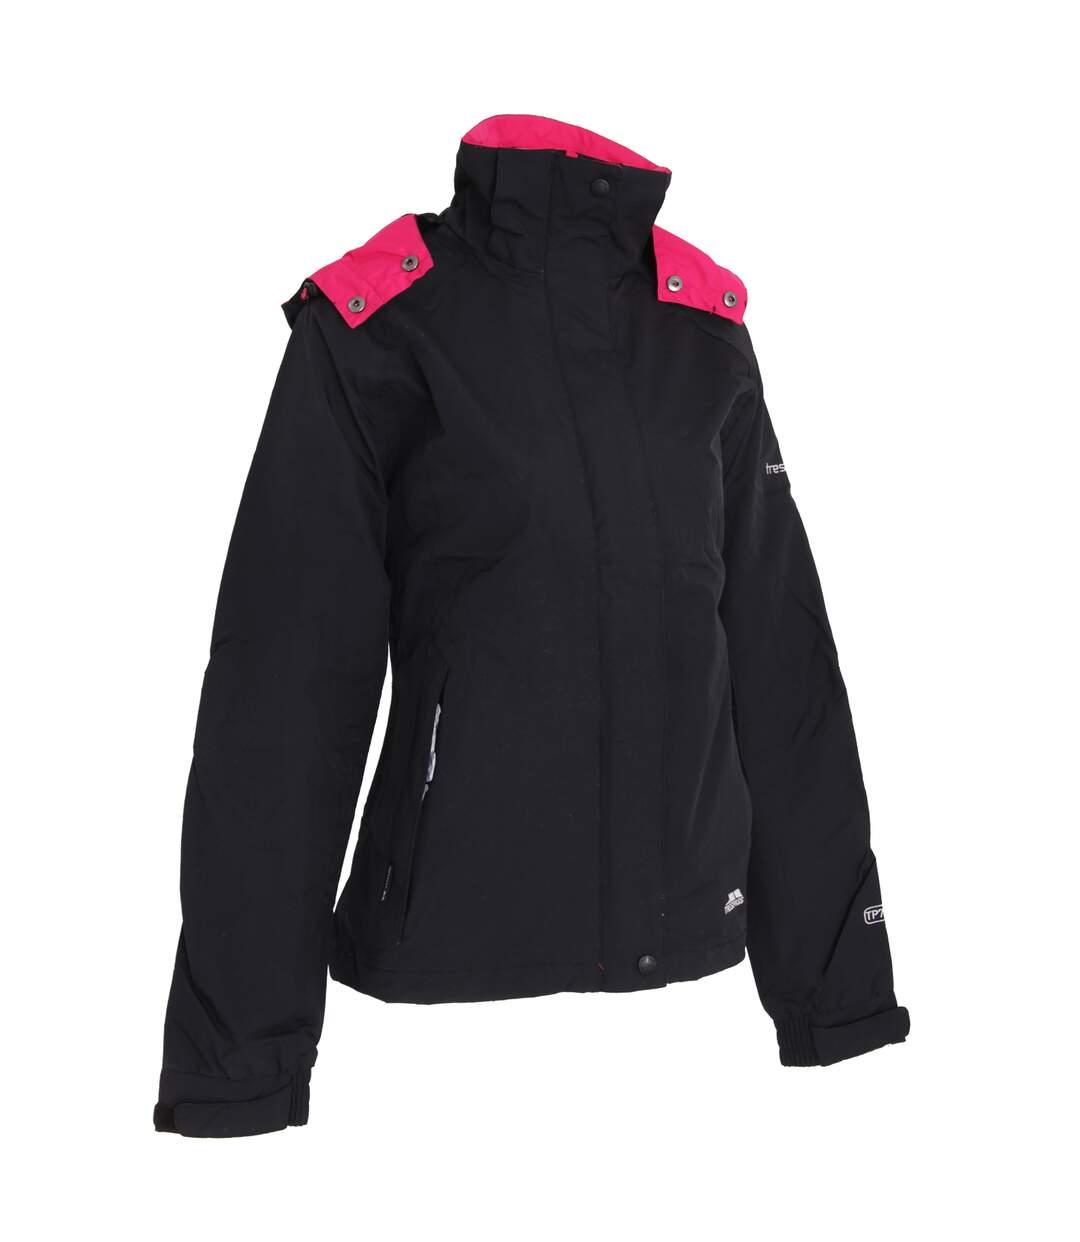 Trespass Womens/Ladies Florissant Hooded Waterproof Jacket (Black) - UTTP170